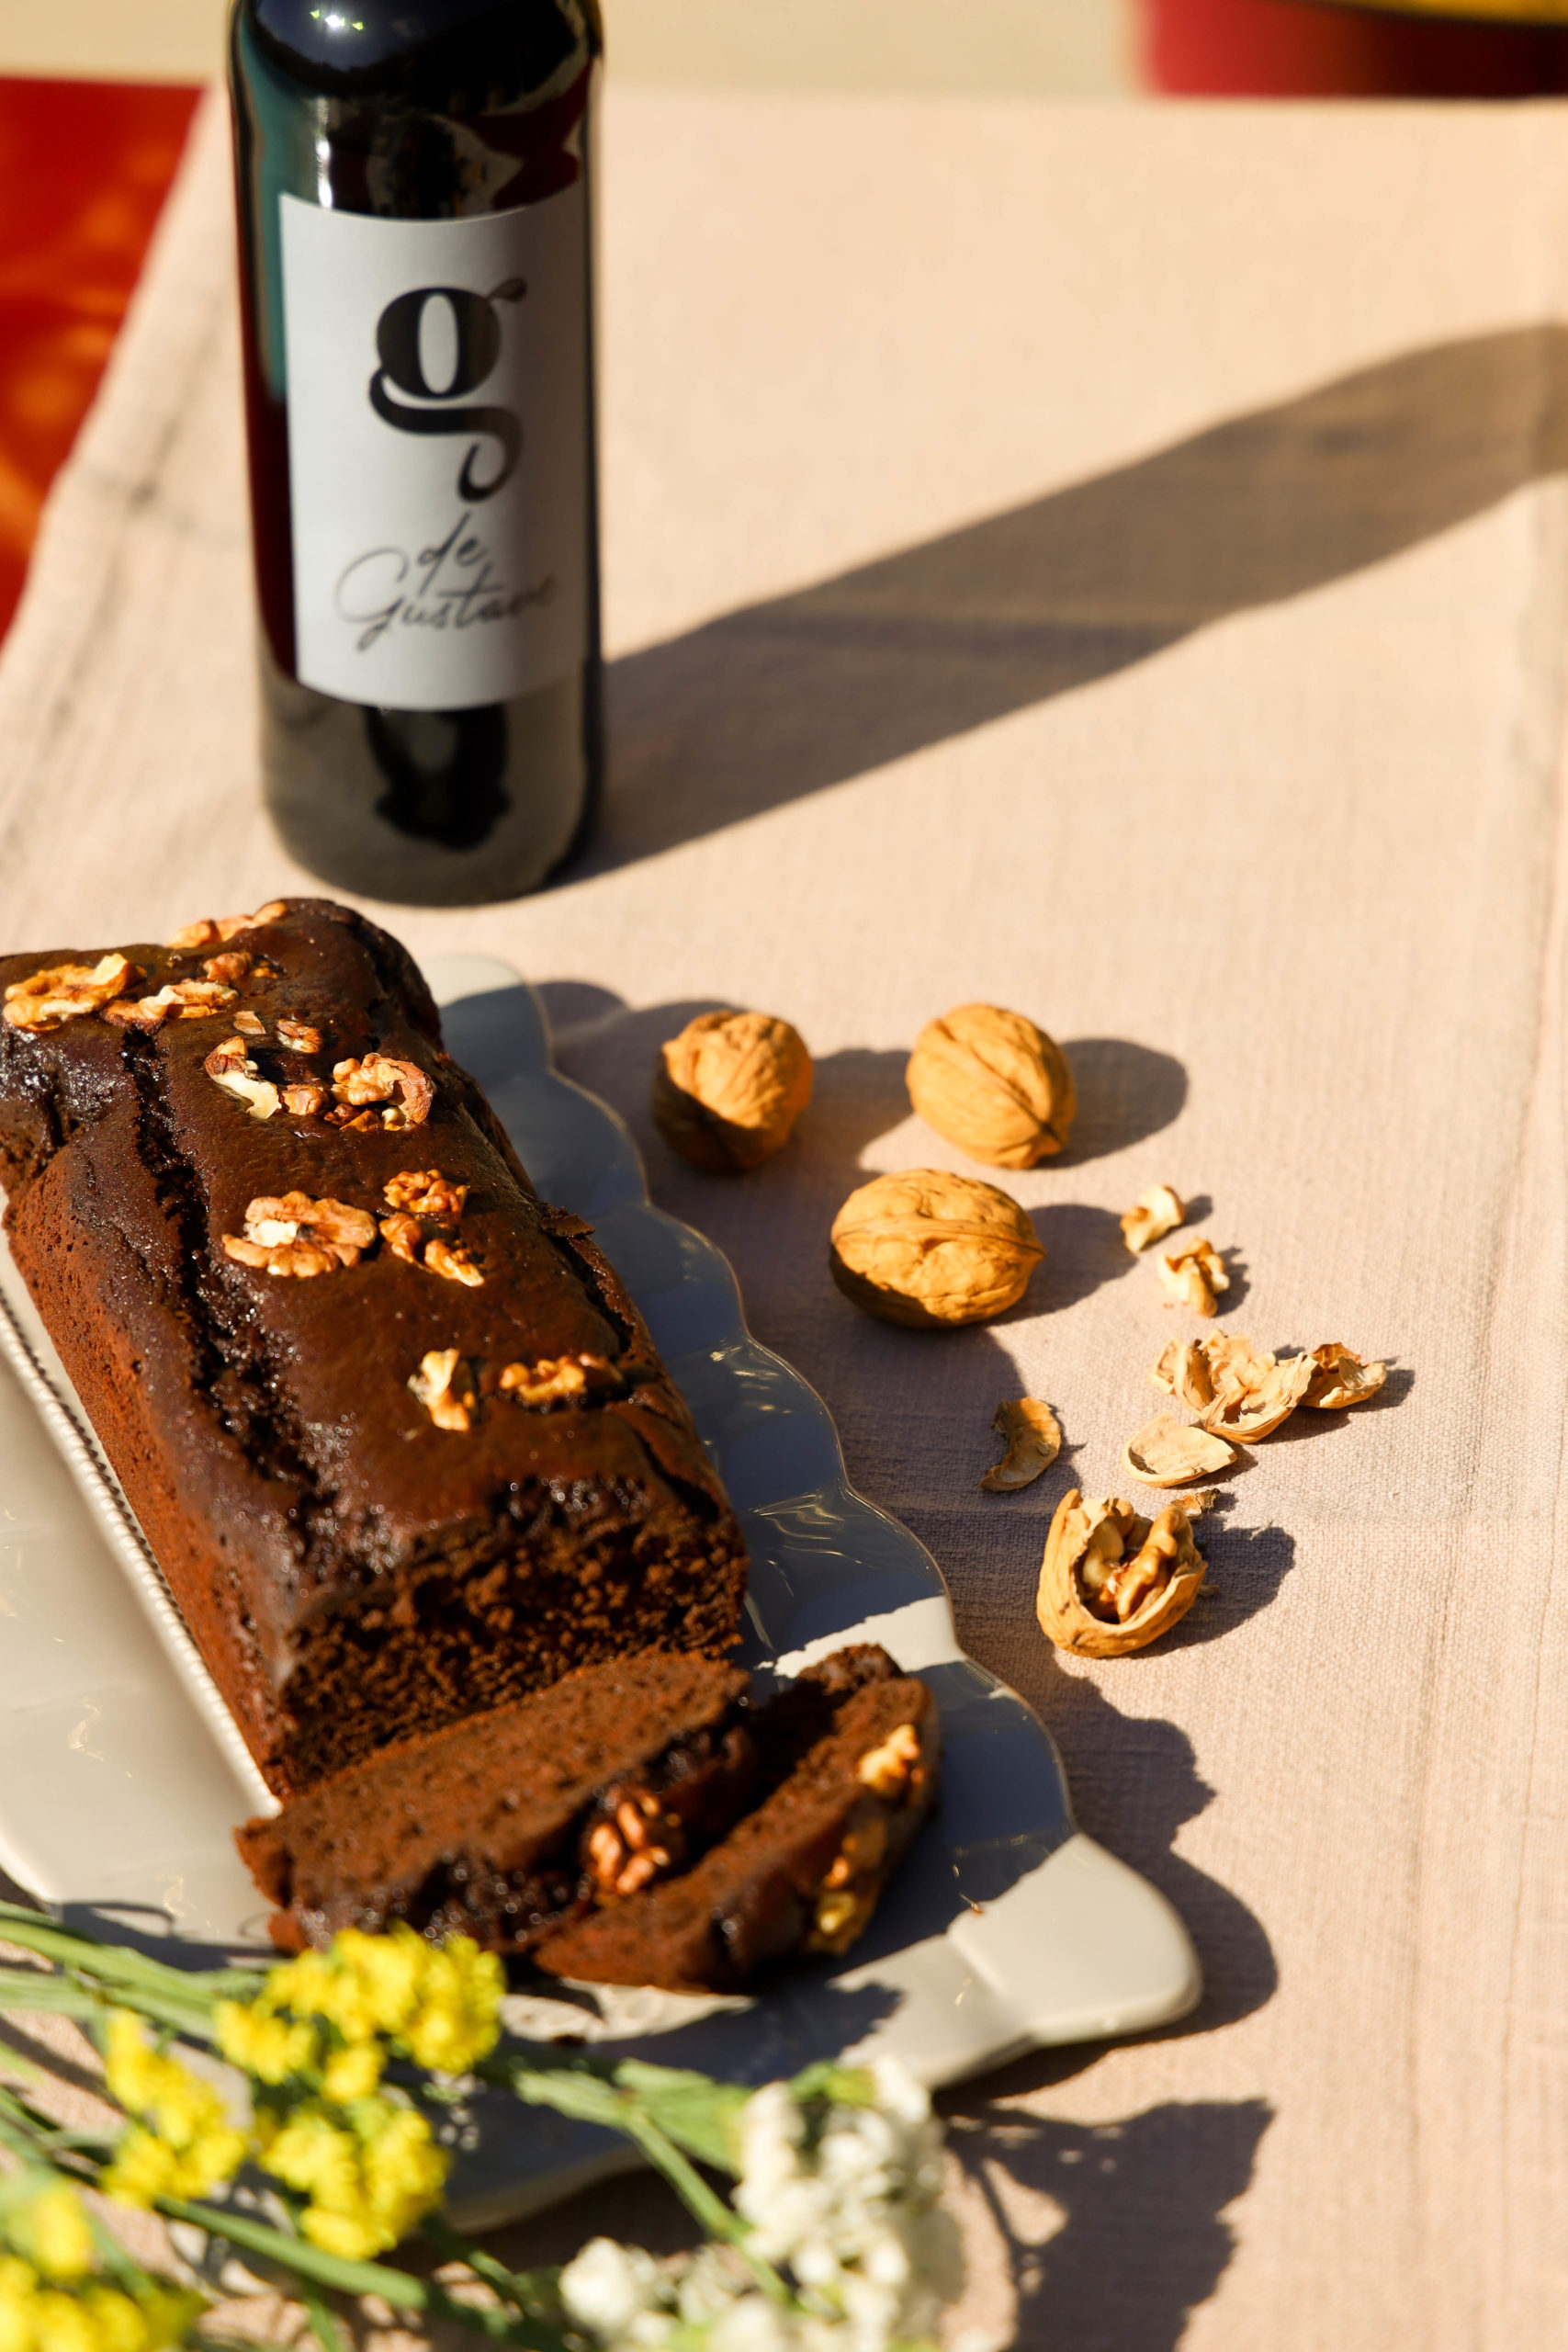 gateau au chocolat vins jean marie bion